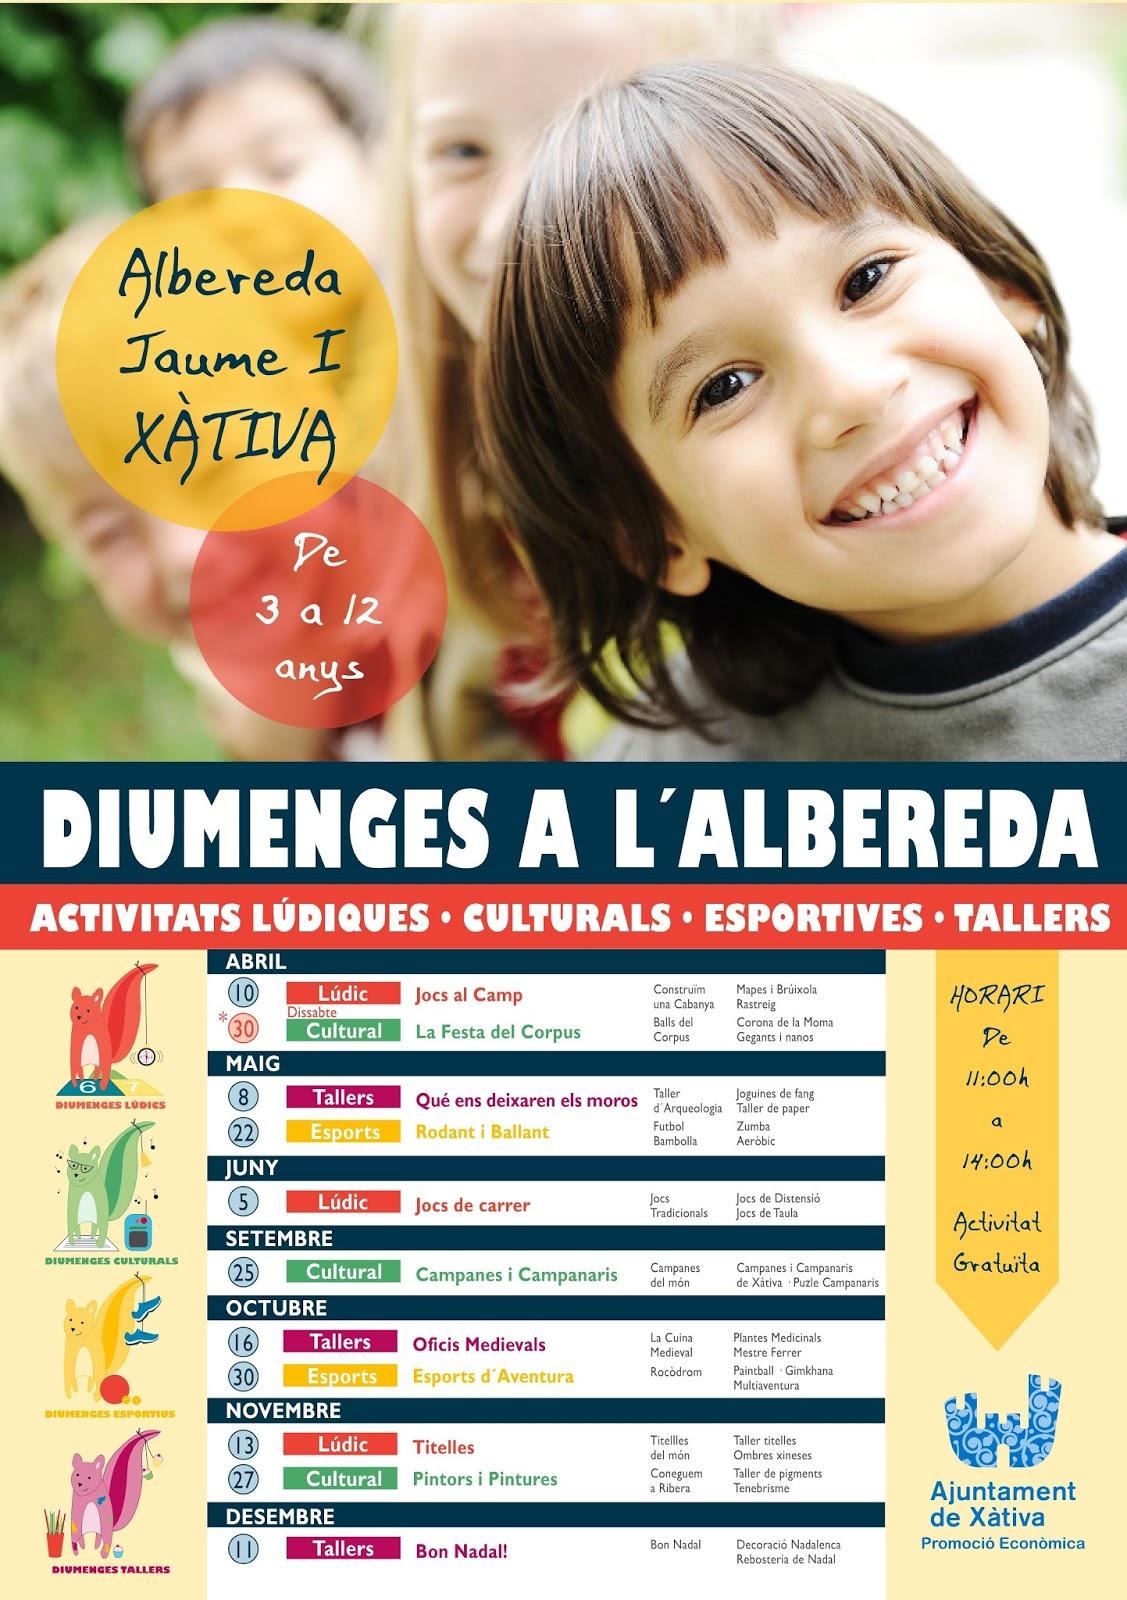 Quatre fulles activitats per a xiquets es diumenges a l for Pisos xativa 9 d octubre xativa